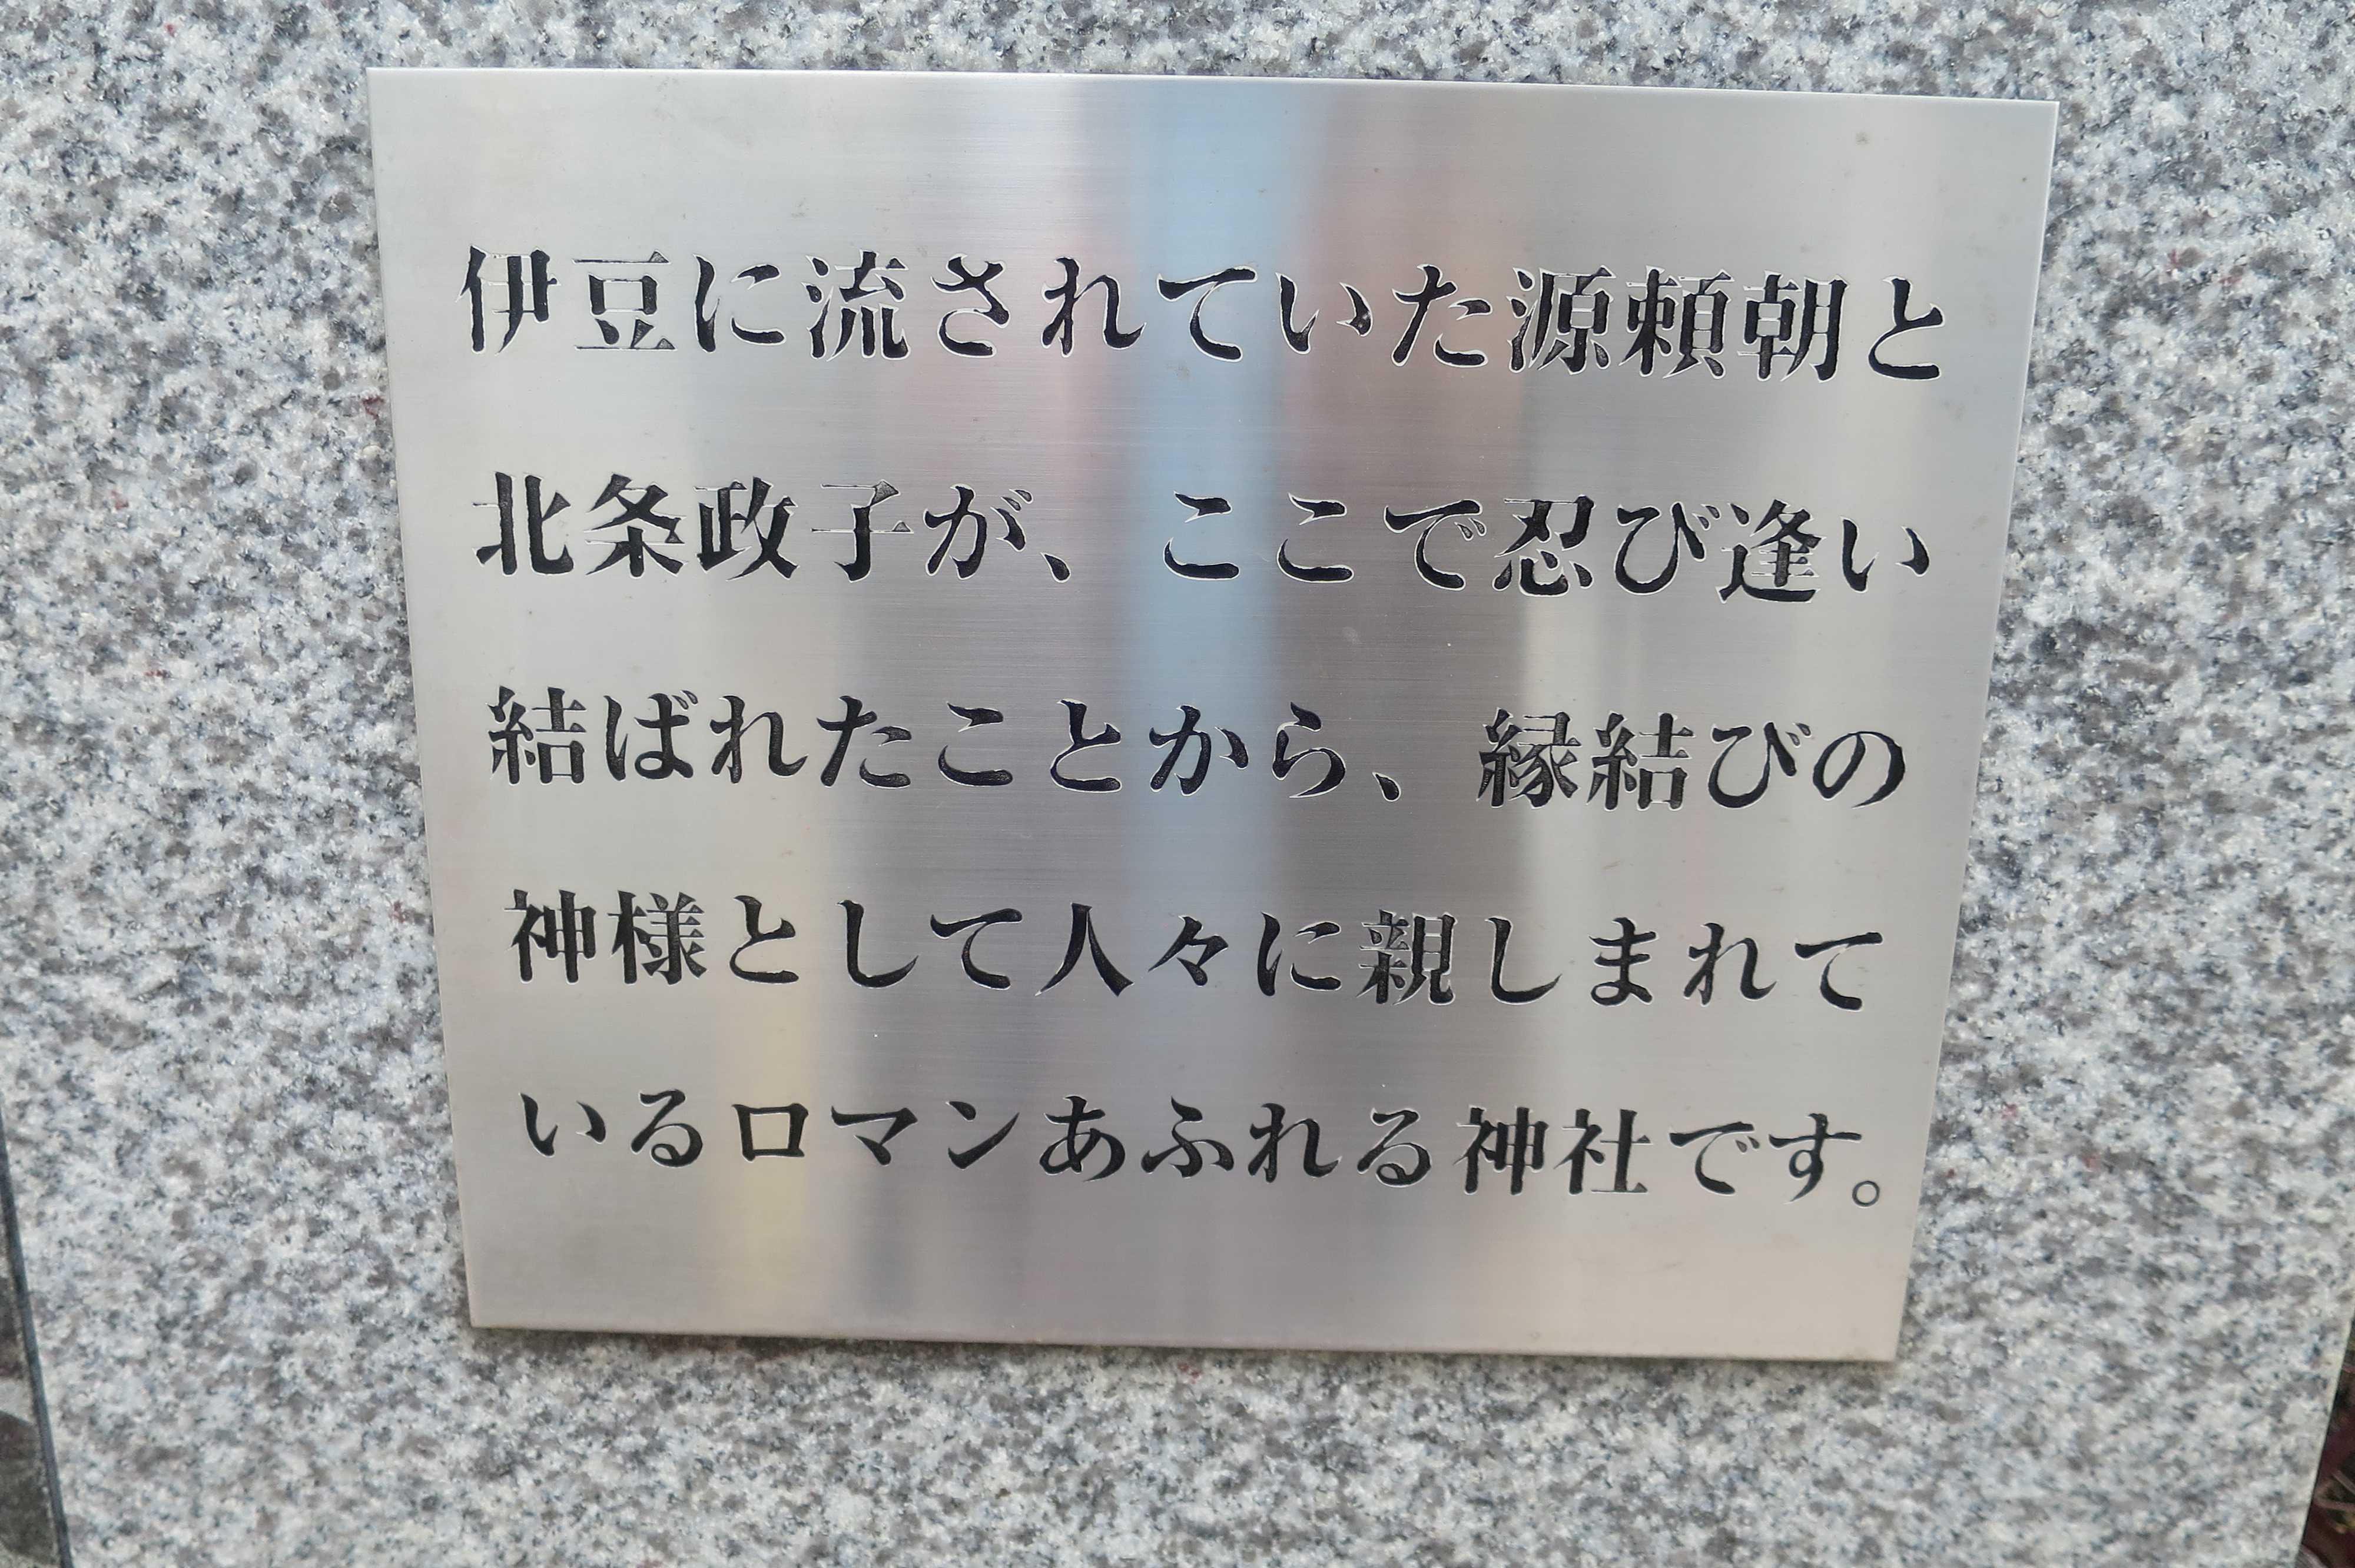 熱海 - 伊豆山神社(いずさんじんじゃ)